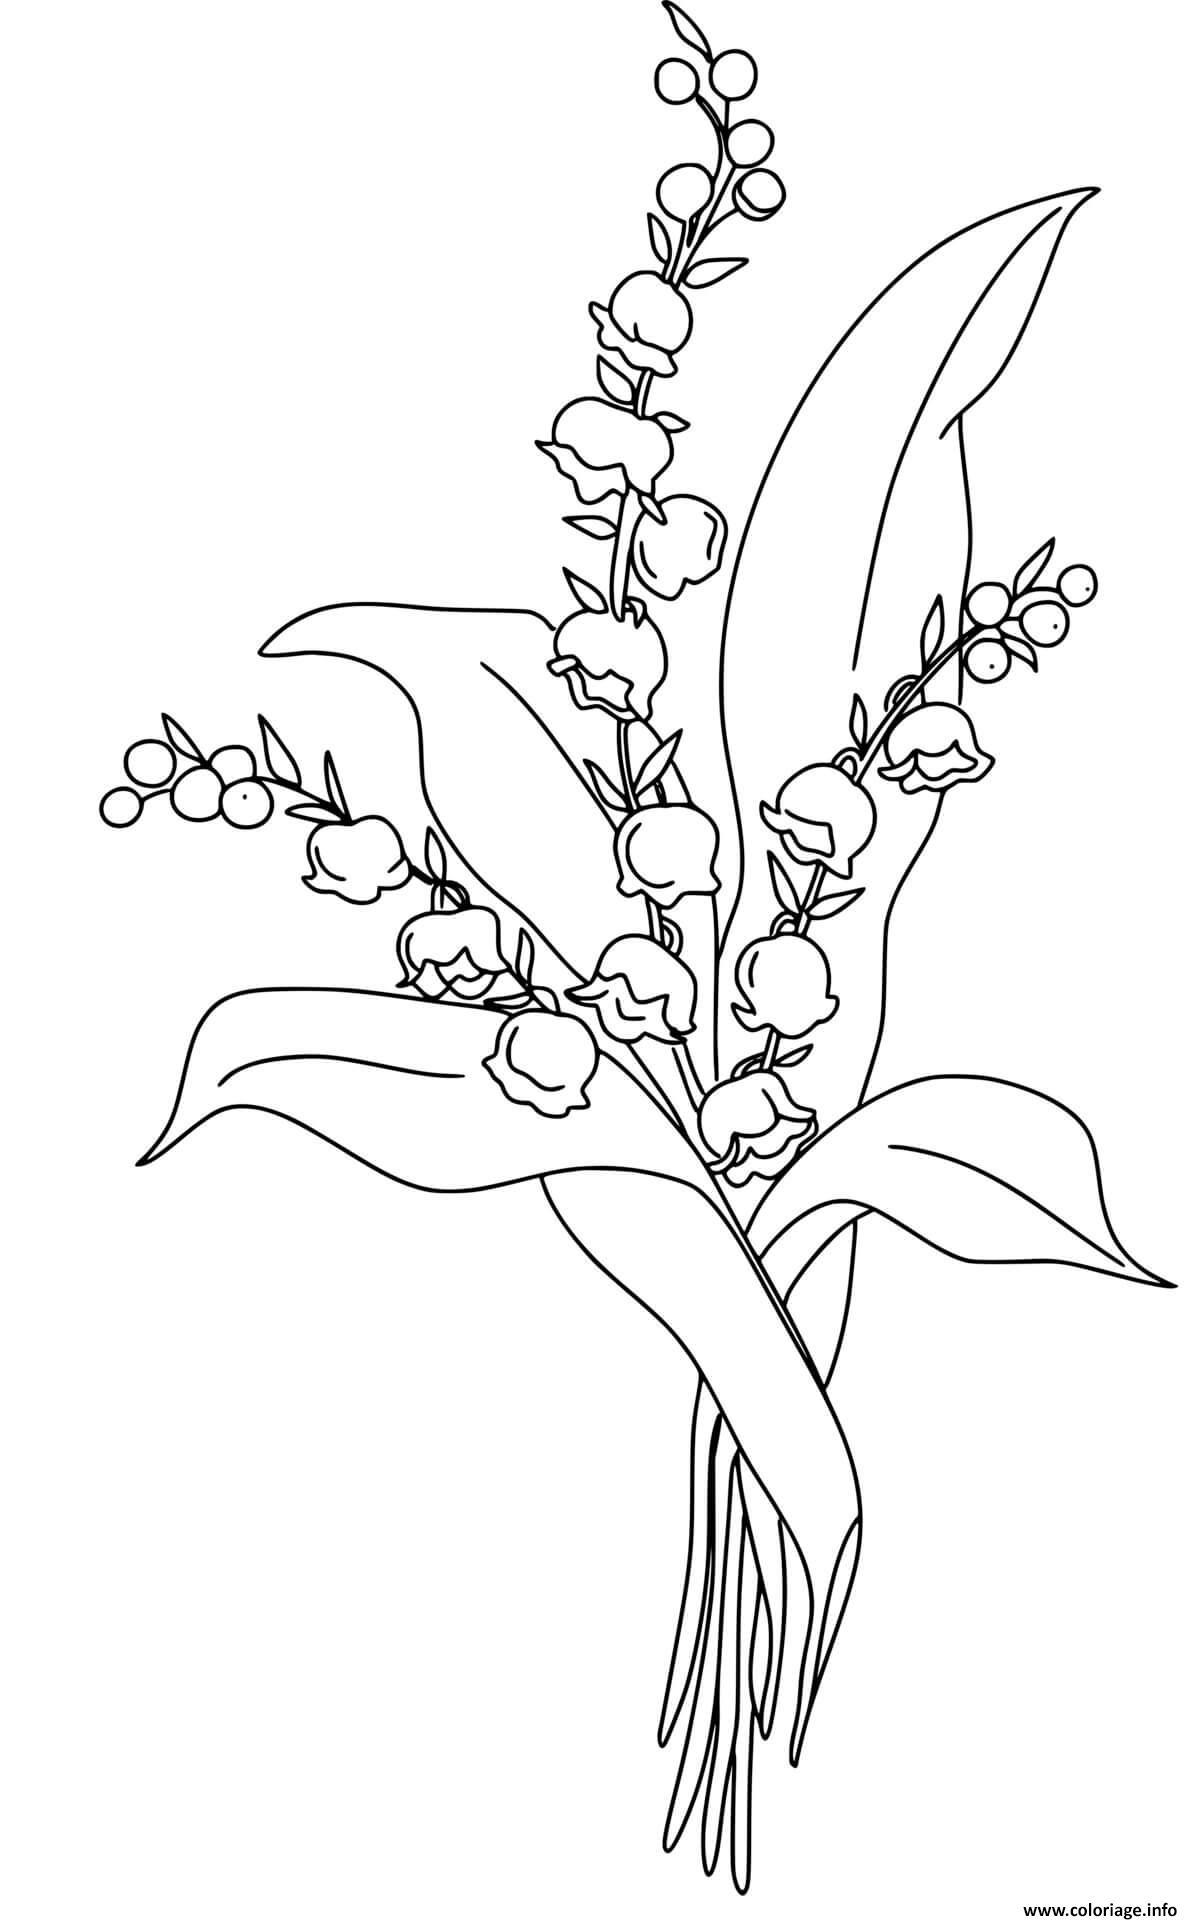 Dessin porte bonheur fleur muguet 1er mai Coloriage Gratuit à Imprimer